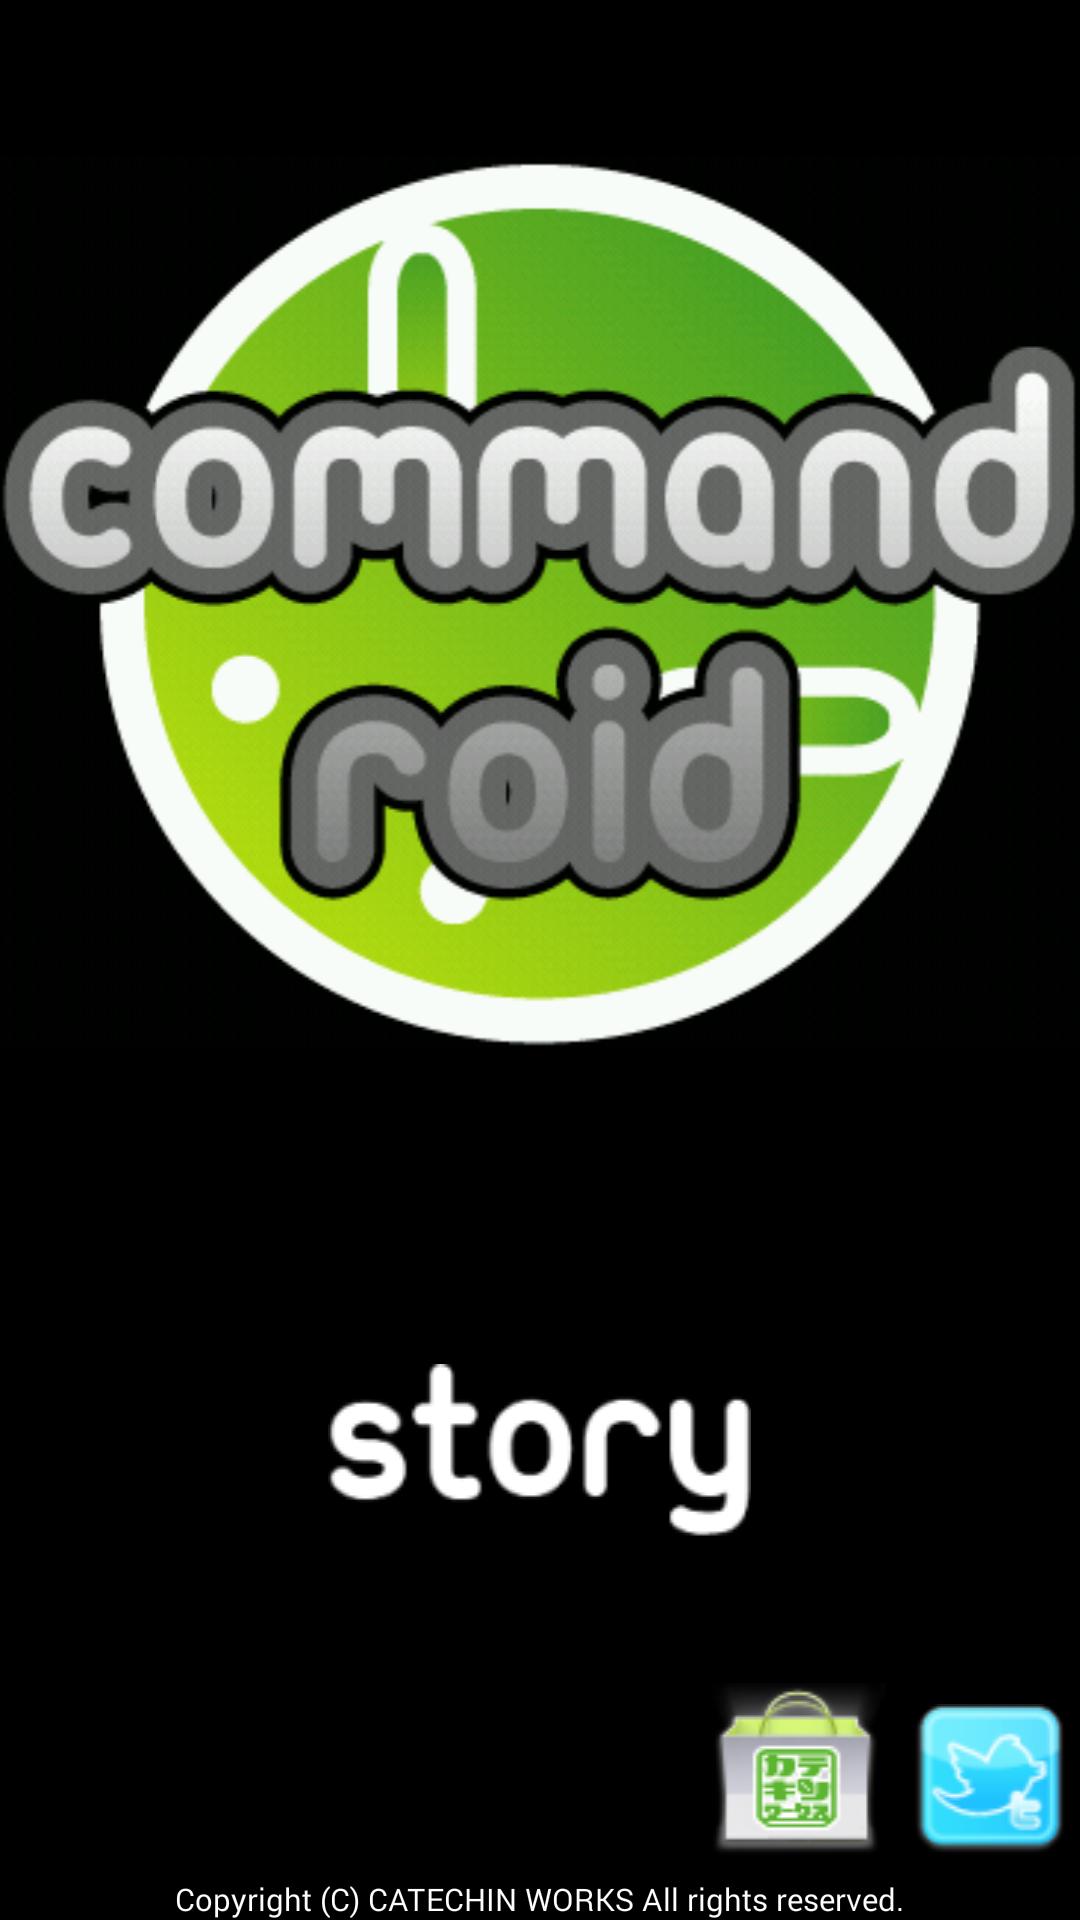 androidアプリ 自動戦闘コマンドロイド(commandroid)攻略スクリーンショット1